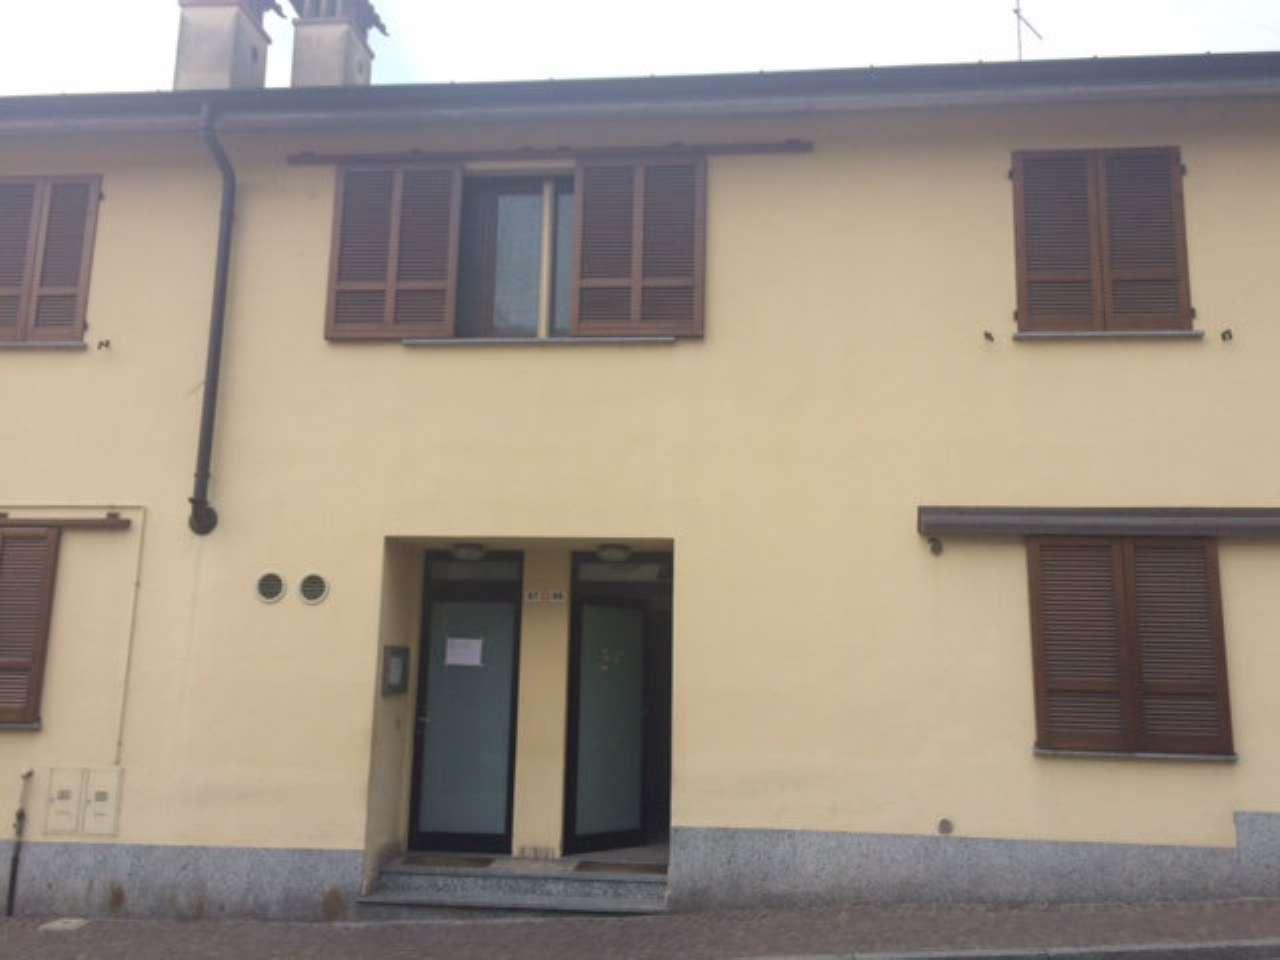 Ufficio / Studio in vendita a Borghetto Lodigiano, 2 locali, prezzo € 50.000 | Cambio Casa.it